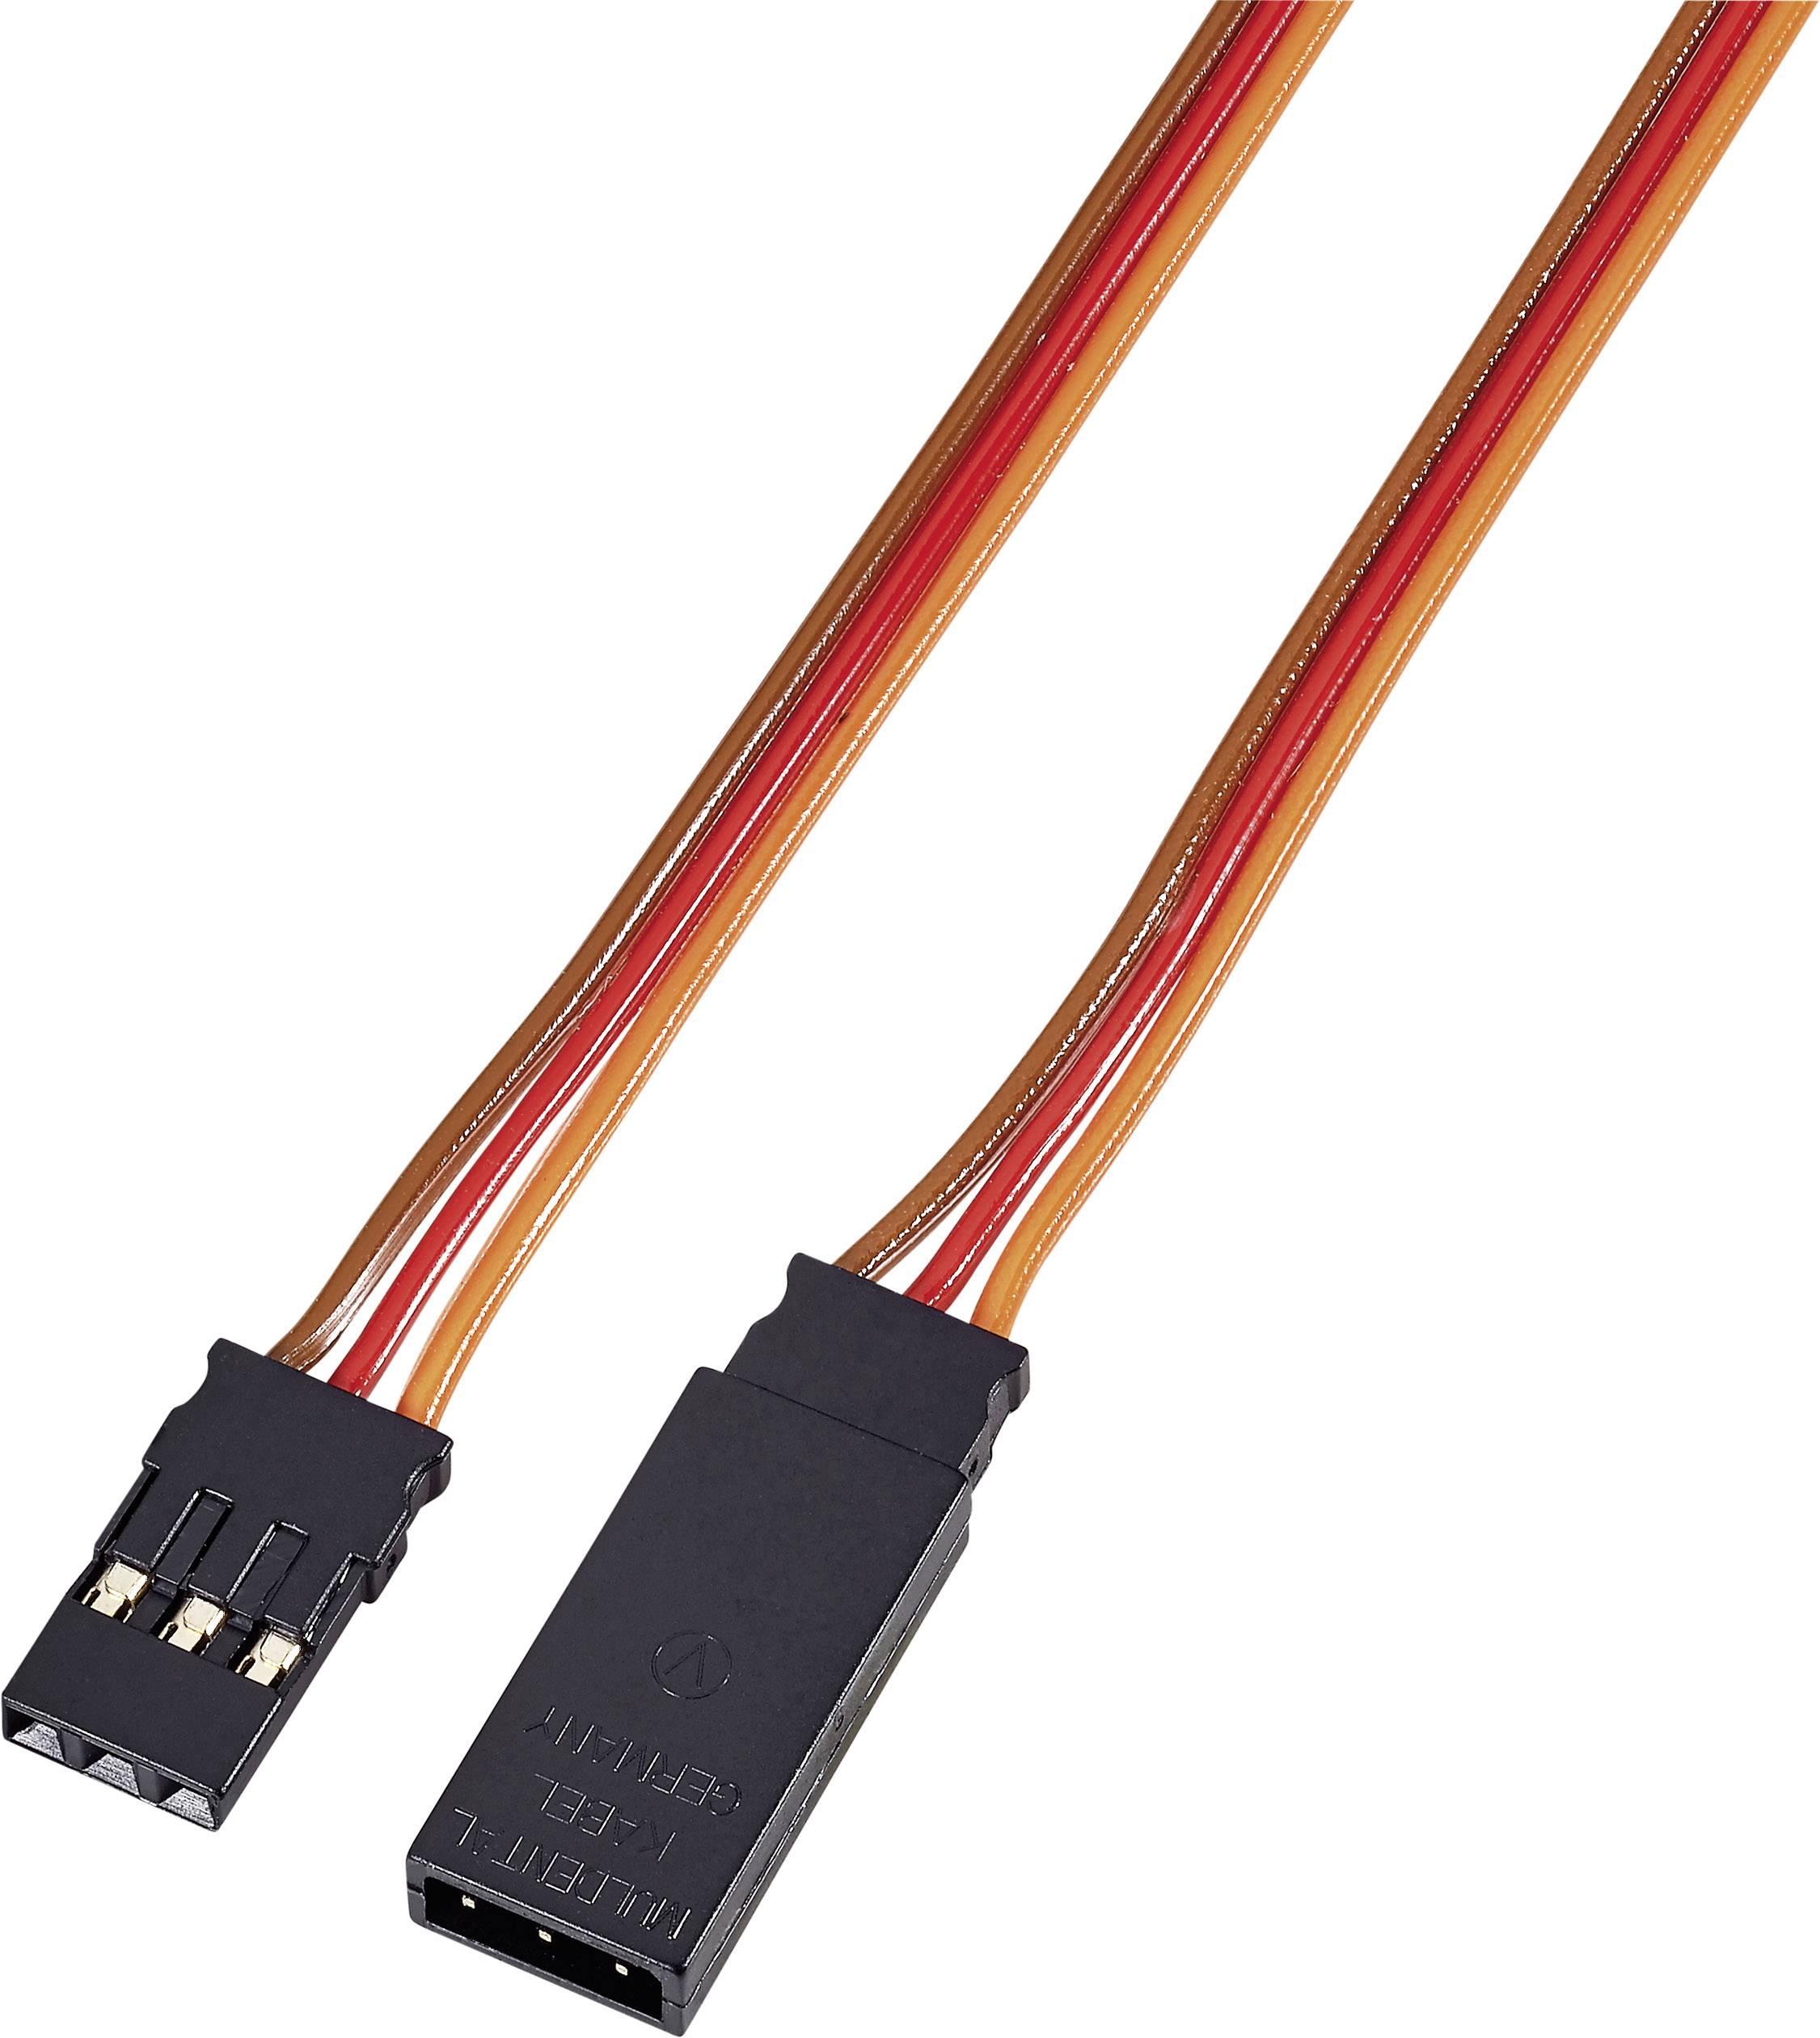 Prodlužovací kabel Modelcraft, konektor JR, 50 cm, 0,14 mm²